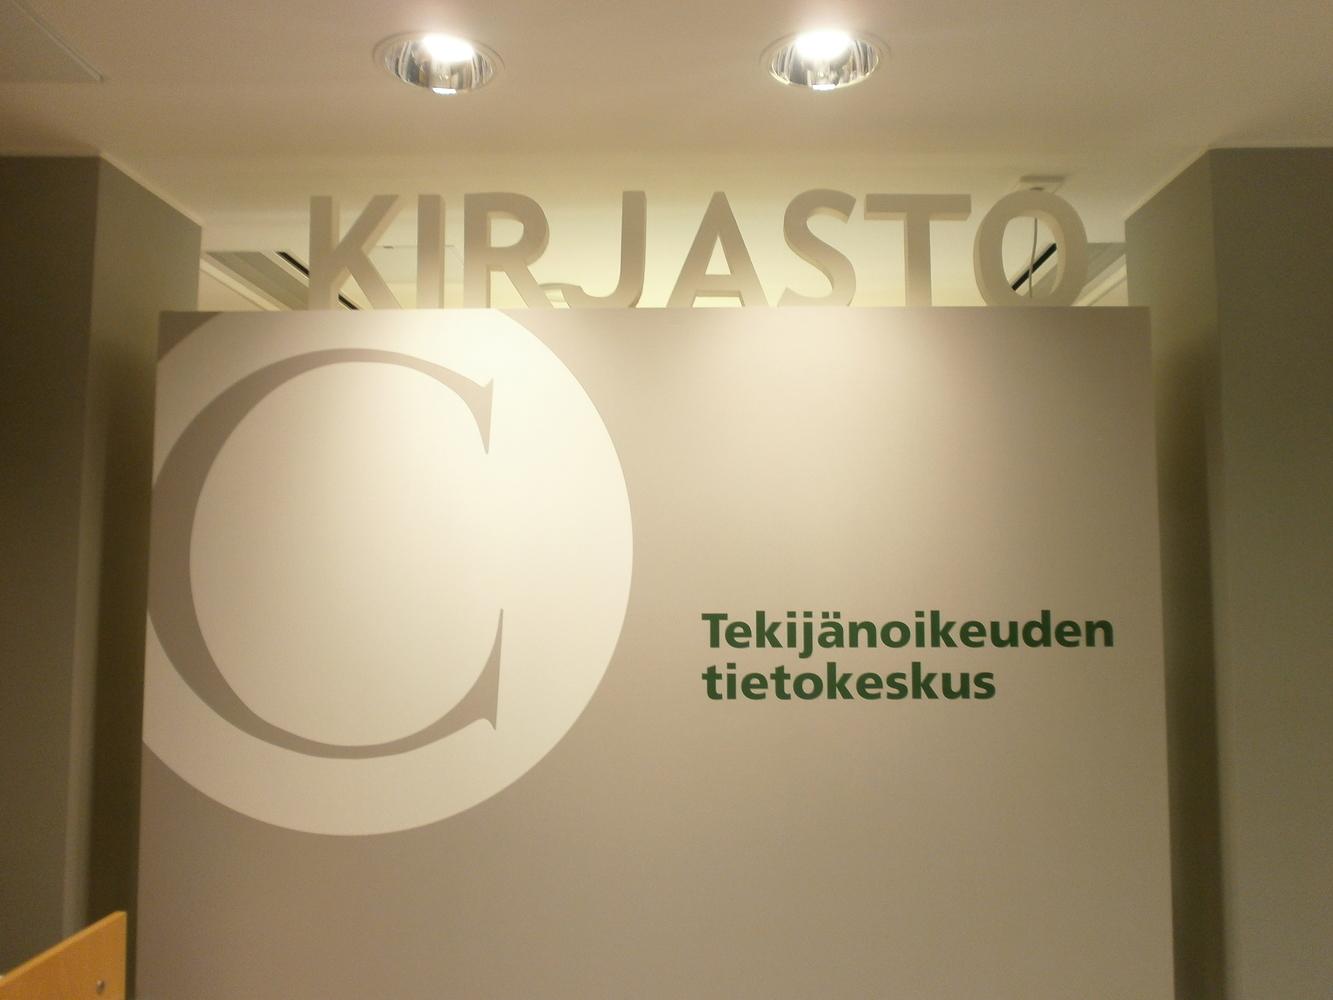 Tekijänoikeuden tietokeskus